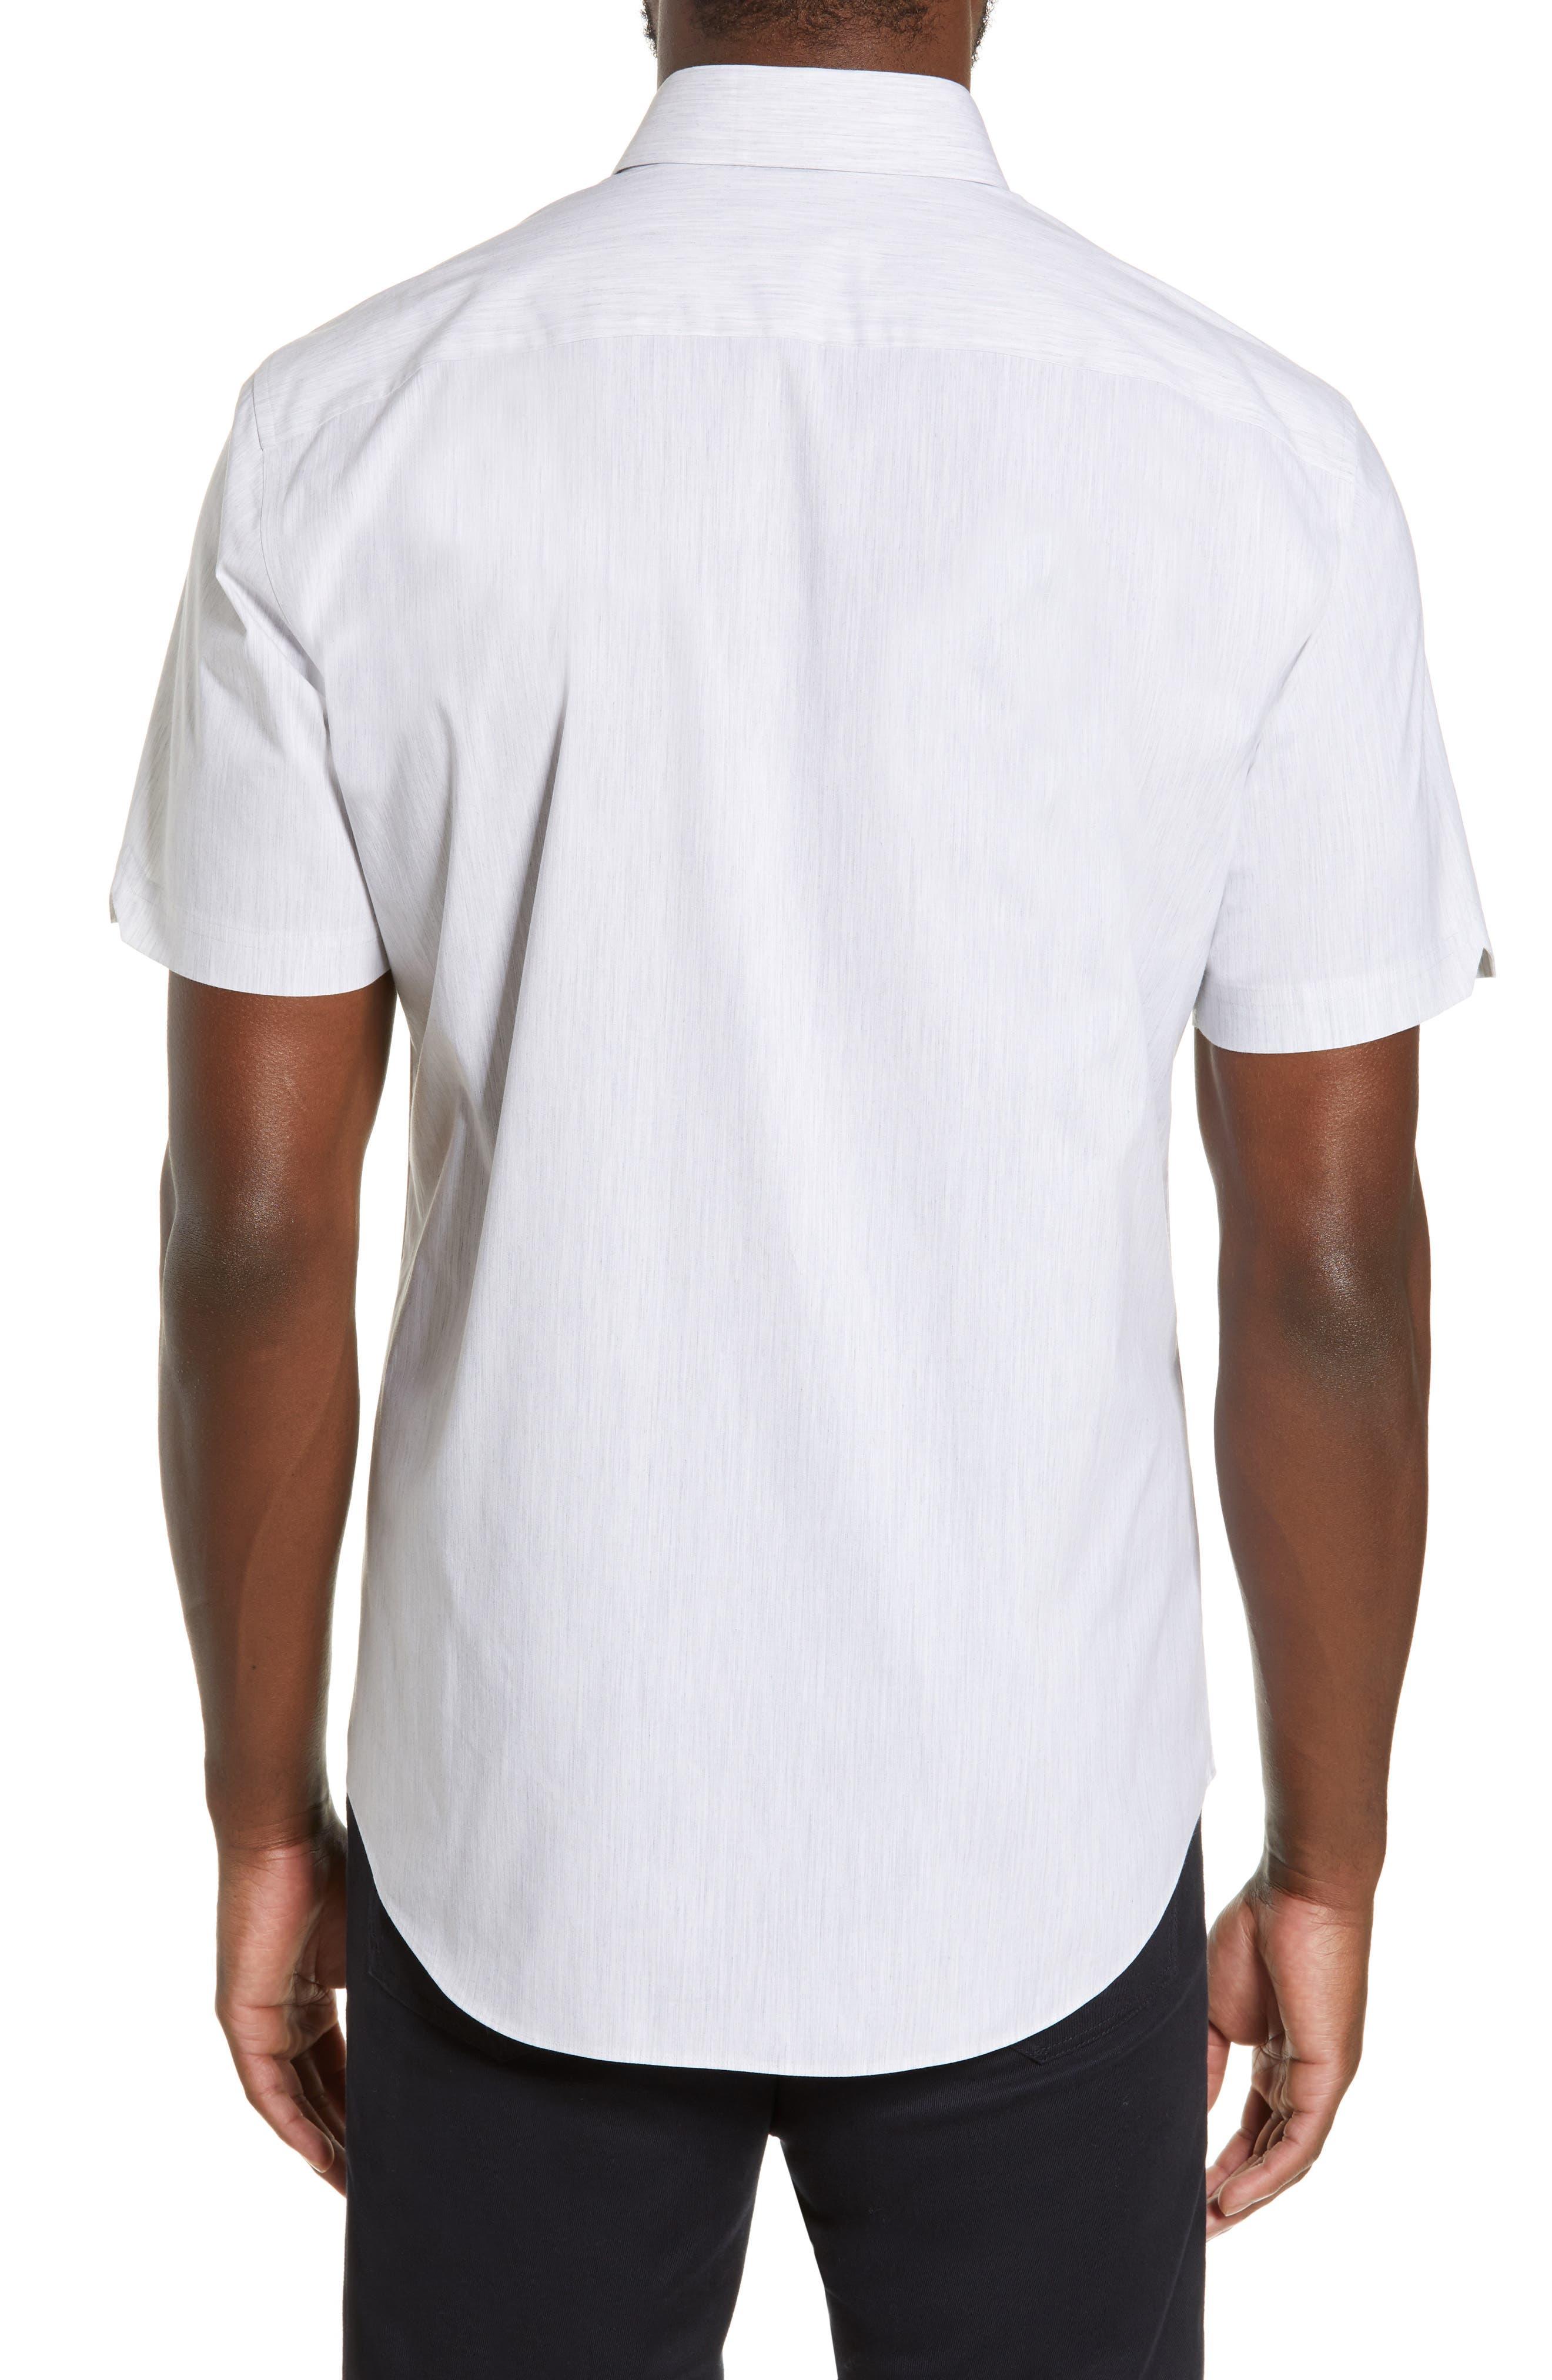 ZACHARY PRELL, Baumann Regular Fit Sport Shirt, Alternate thumbnail 3, color, GREY